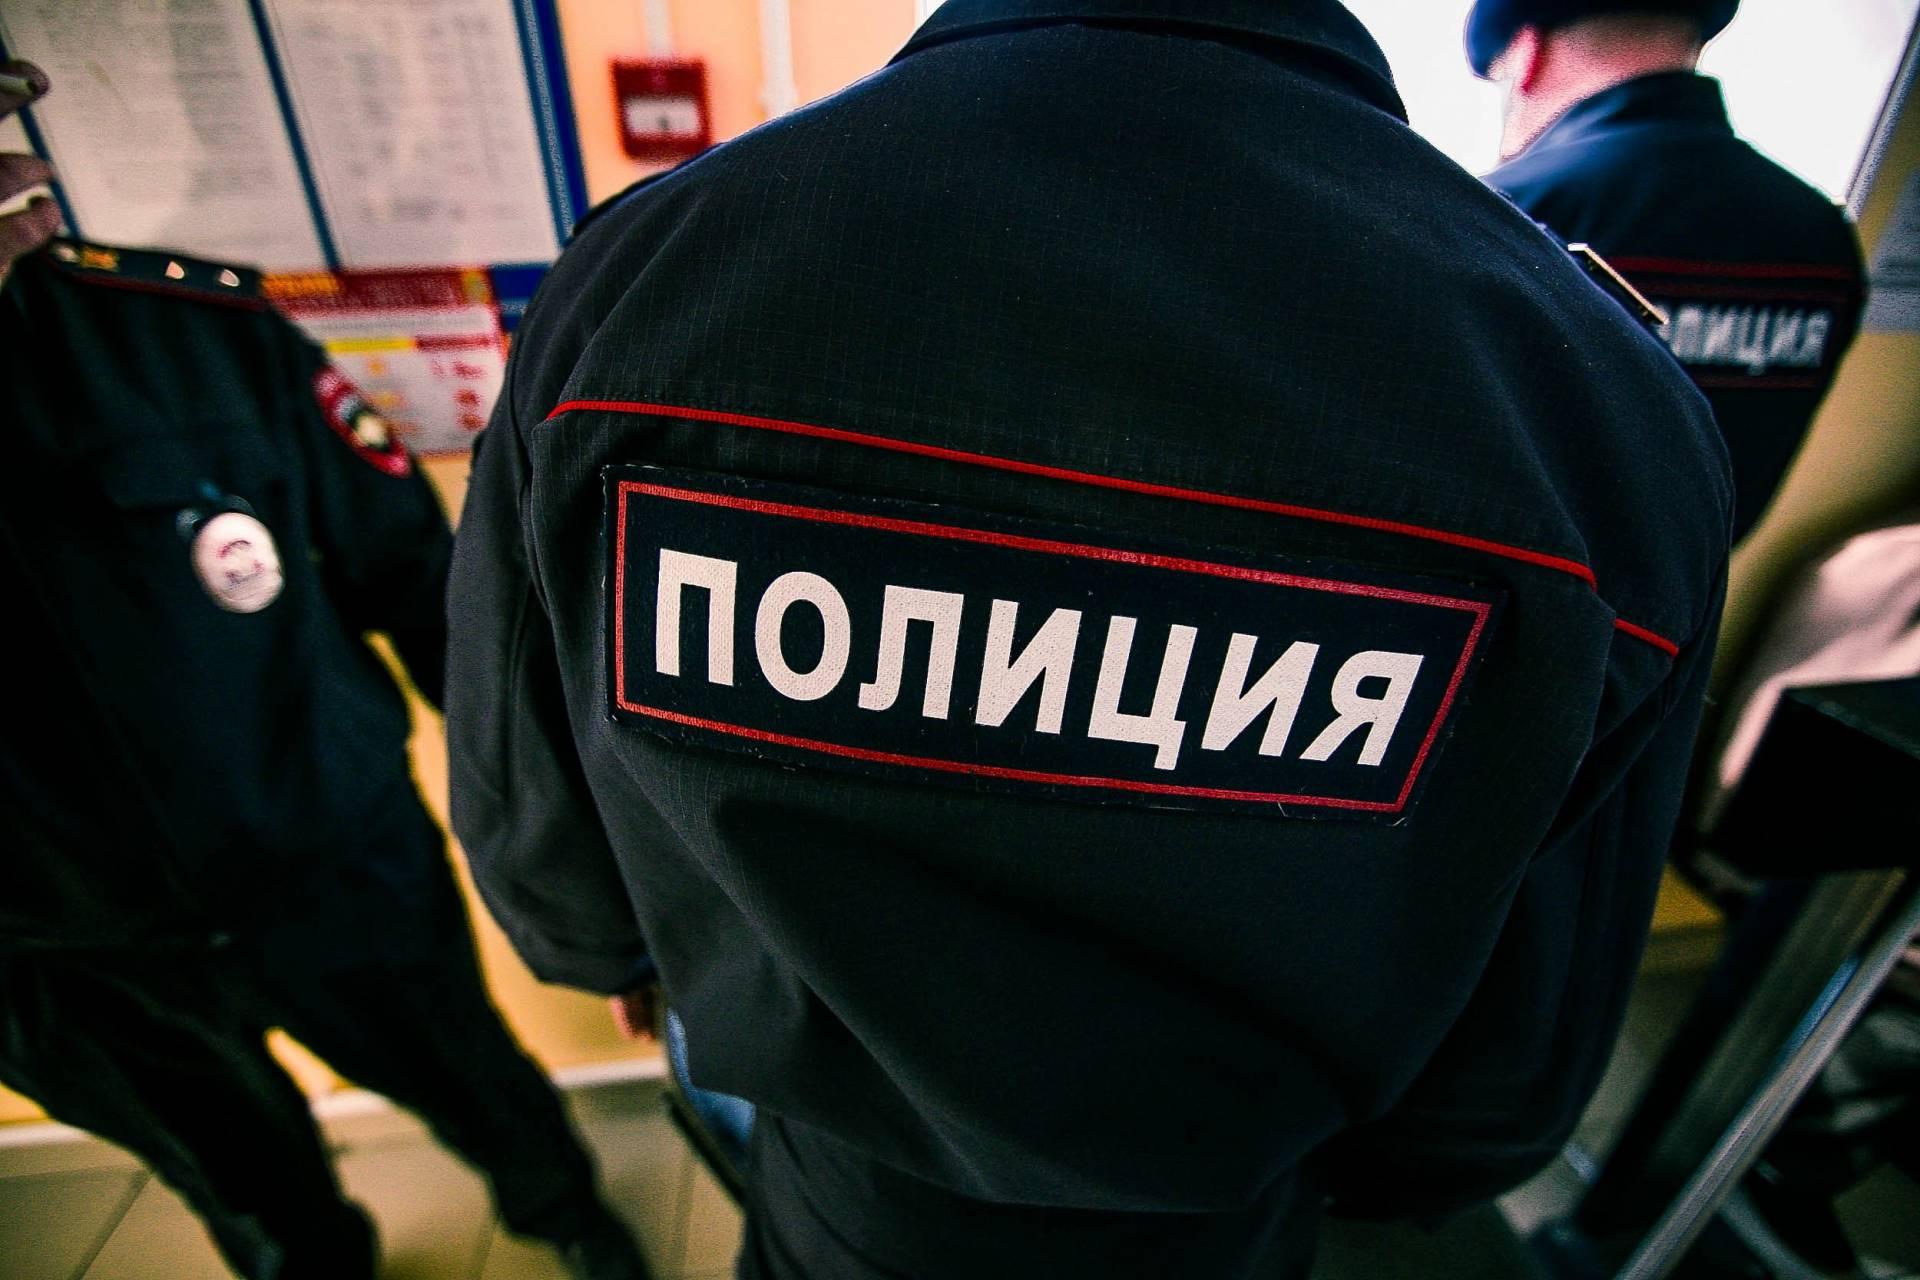 Тело пропавшего без вести мужчины отыскали  в новейшей  российской столице